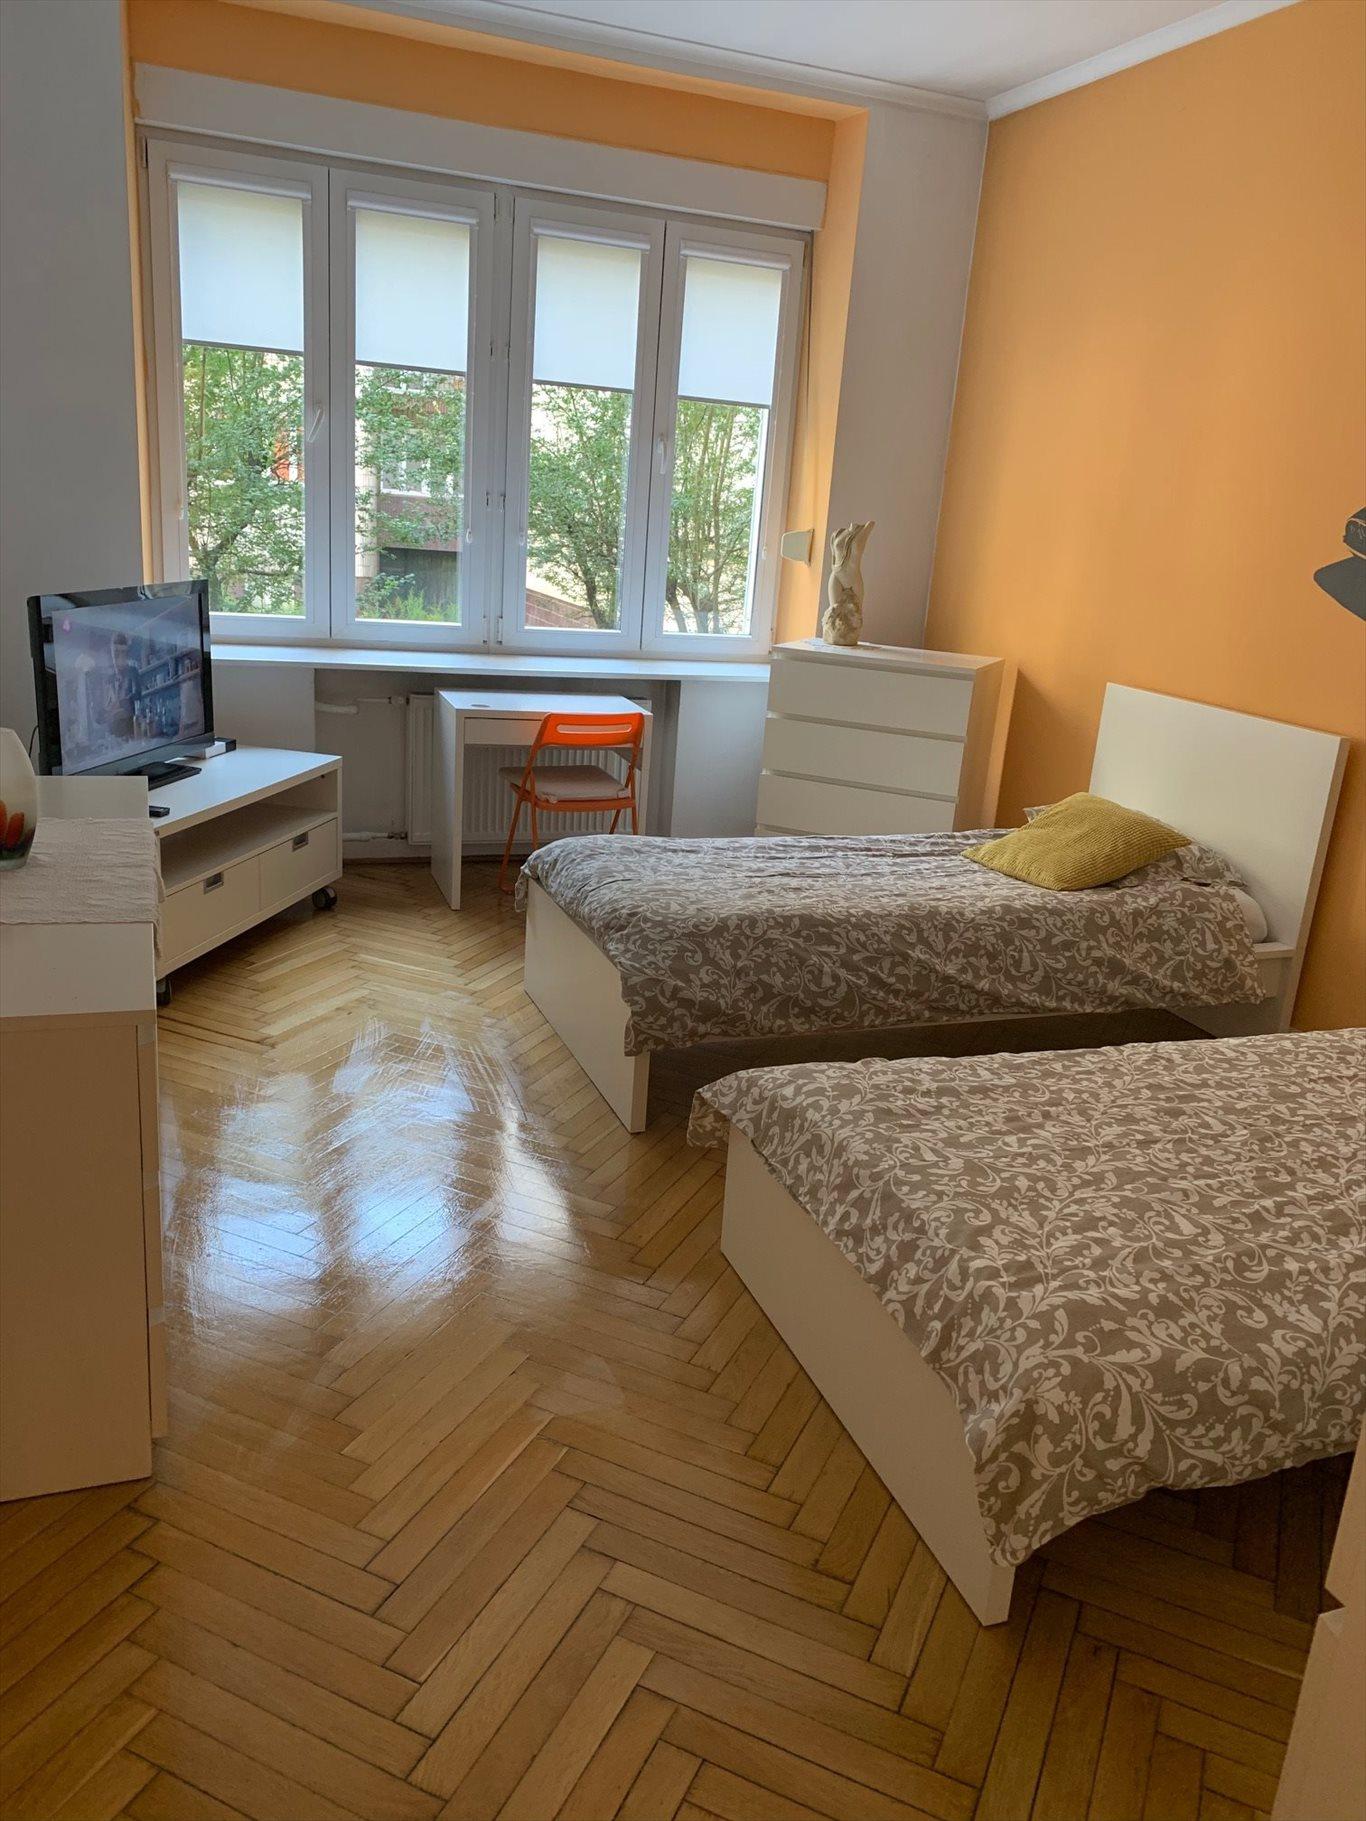 Mieszkanie trzypokojowe na sprzedaż Łódź, Śródmieście, al. Tadeusza Kościuszki 56  83m2 Foto 6